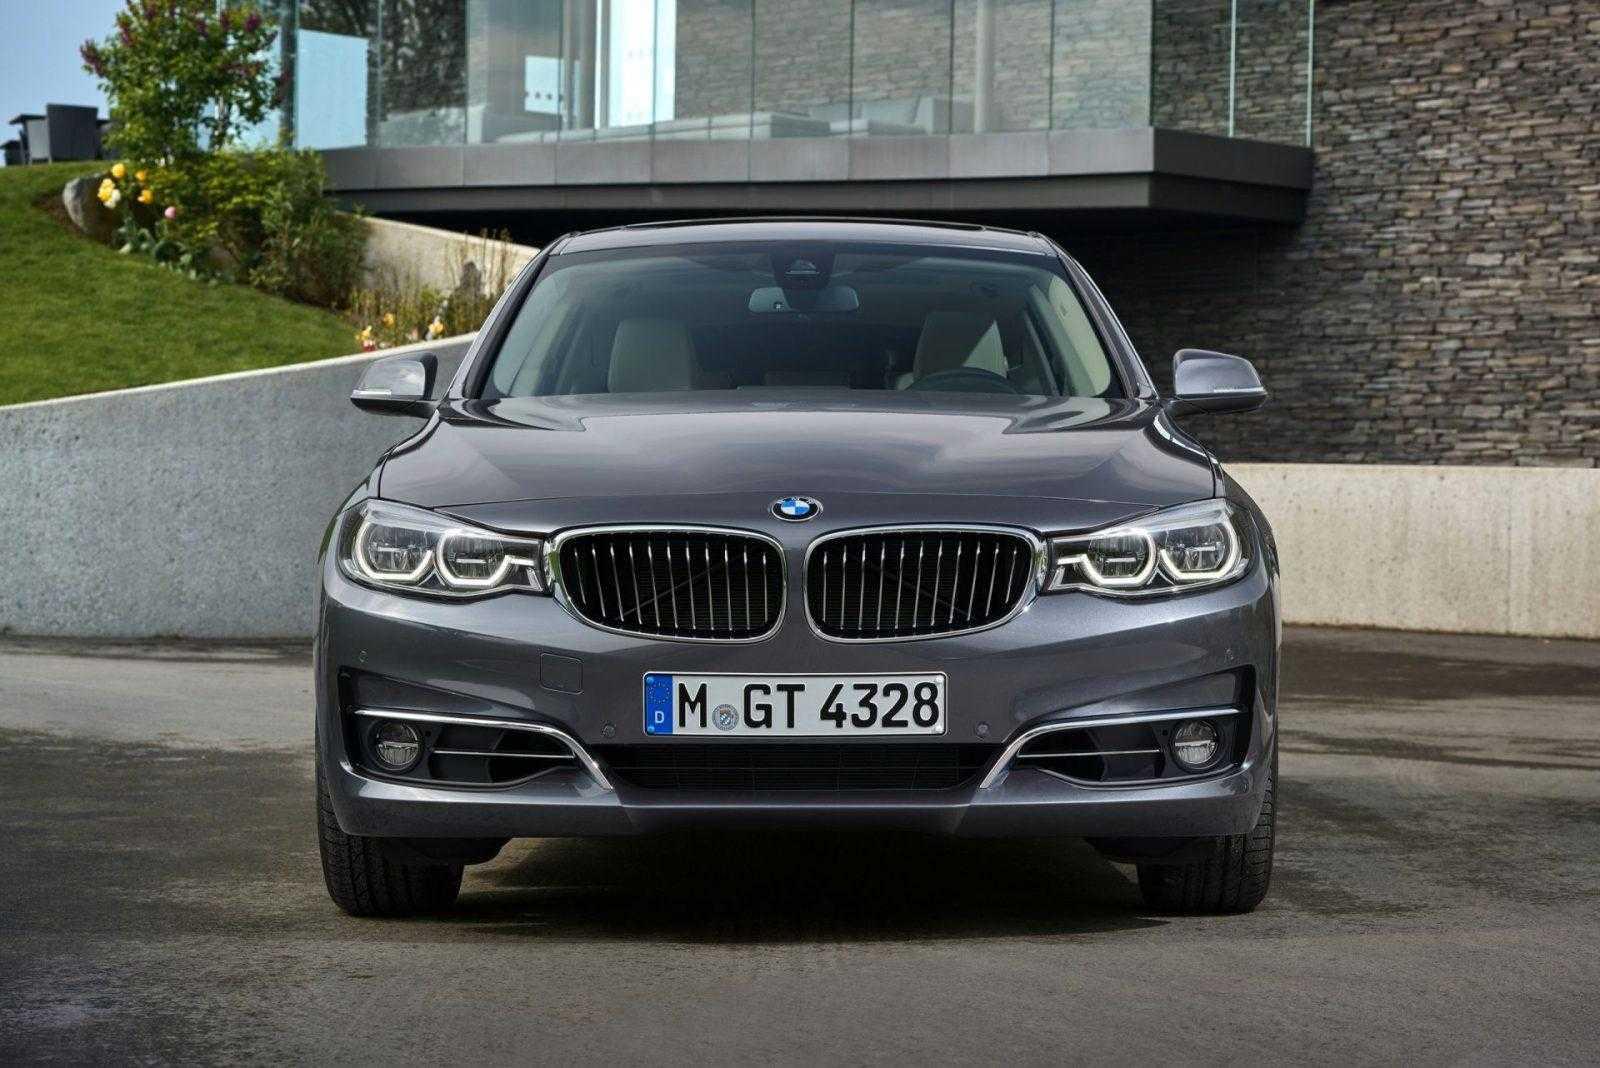 Технические характеристики BMW 320i Gran Turismo (F34), 184 л.с., хэтчбек, 5 дв., справочник по автомобилям BMW 320i Gran Turismo (F34), 184 л.с. автокаталог, каталог авто.